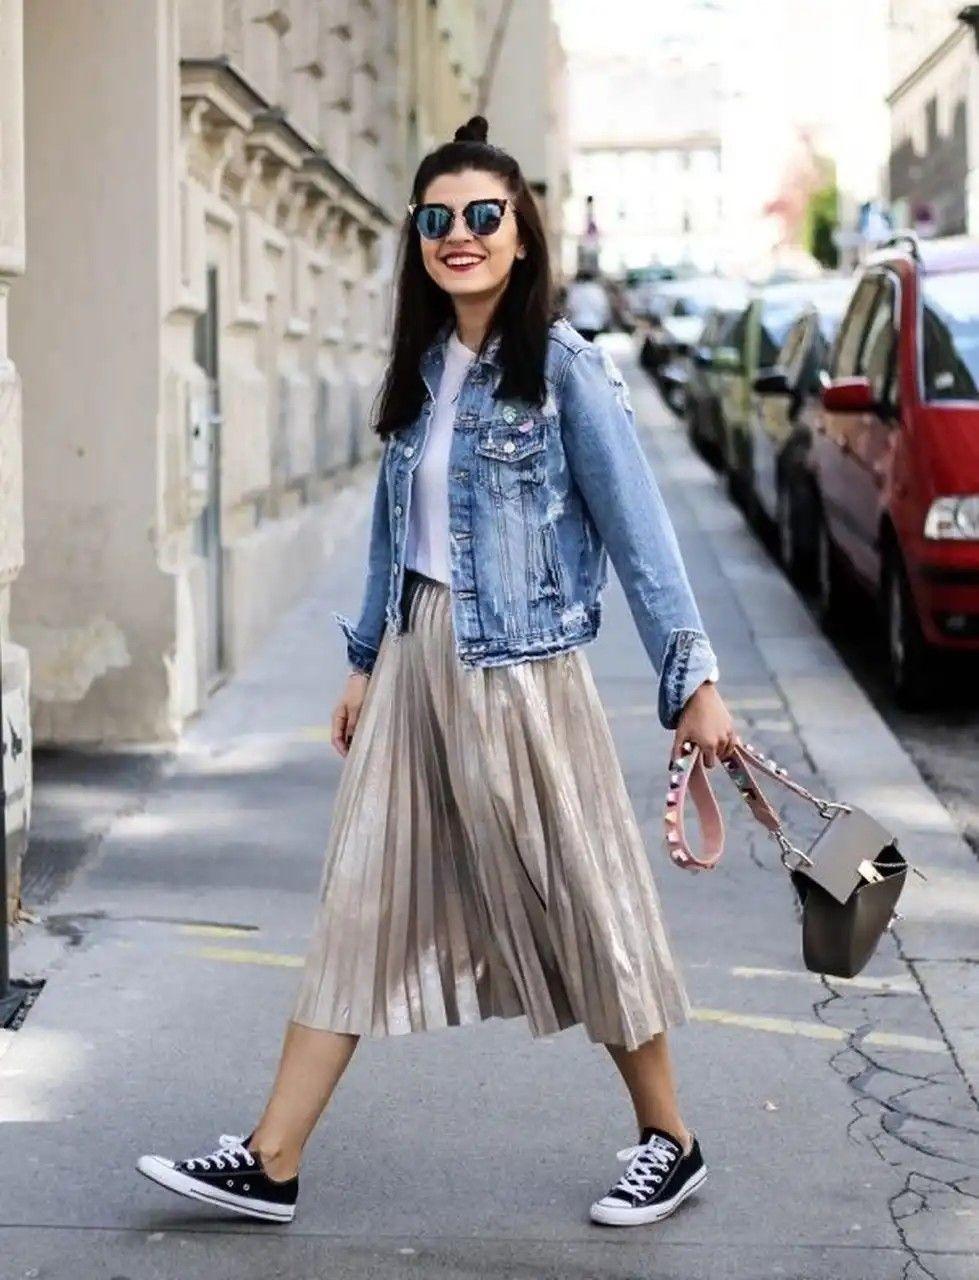 طرق لبس الجاكيت الجينز مع الجونلة - الجاكيت الجينز مع الجيبة الميتاليك